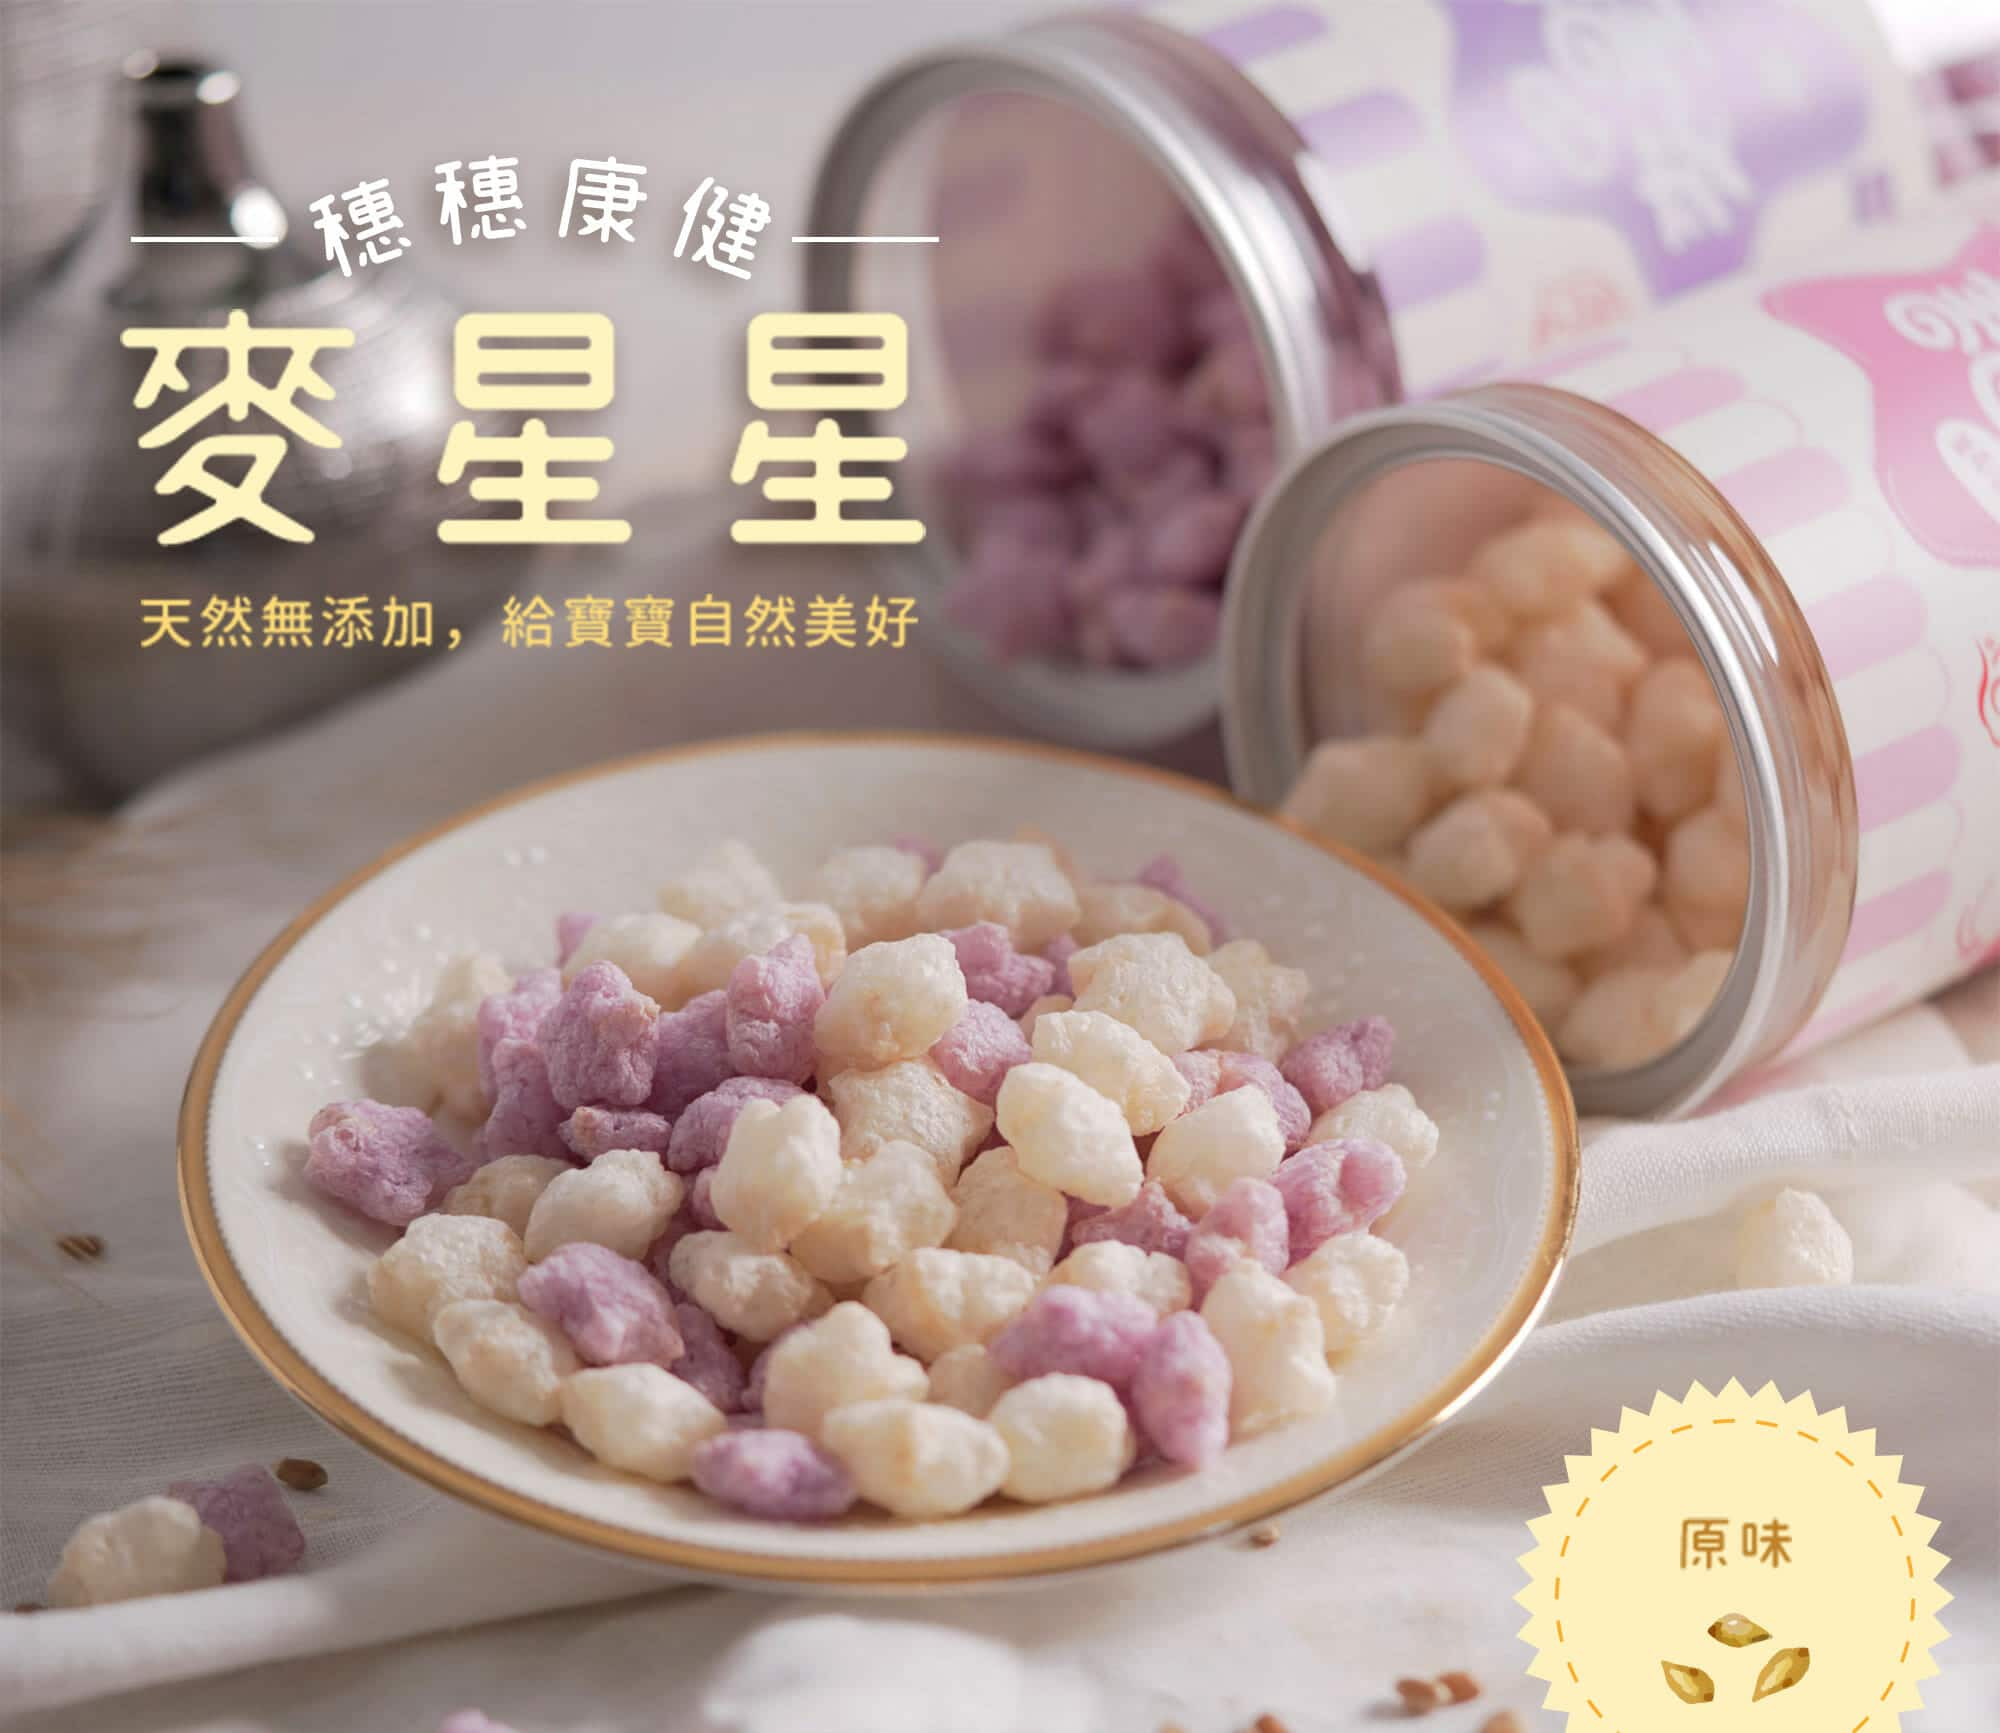 穗穗康健的原味麥星星是天然無添加的食品,給寶寶自然美好的食物